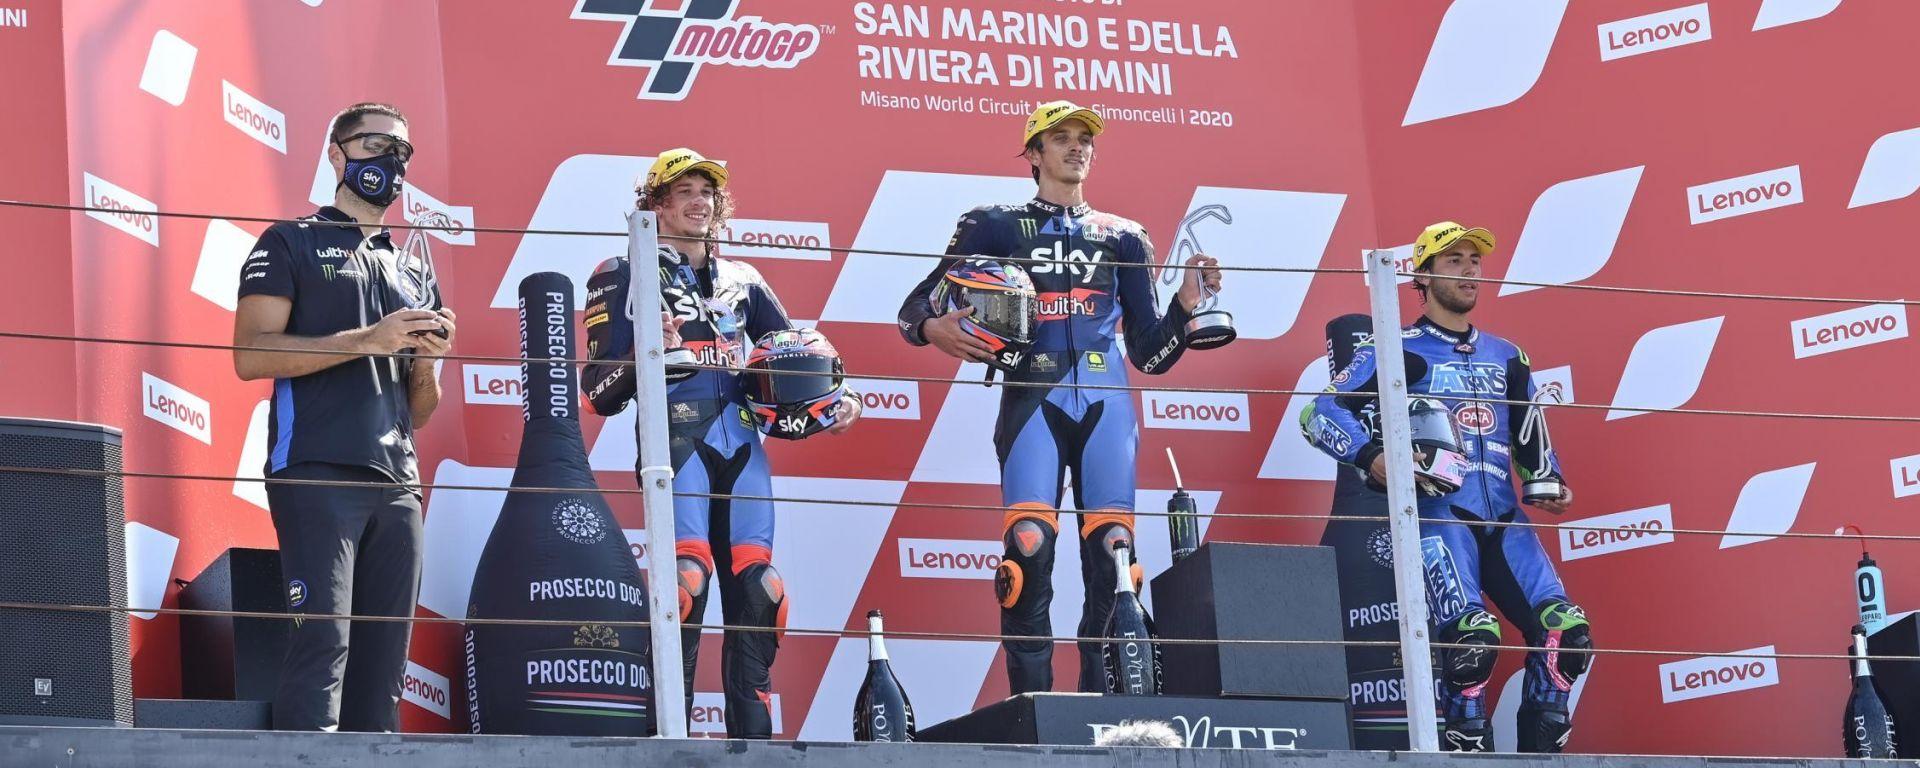 GP San Marino 2020, il podio della Moto2 a Misano con Marini, Bezzecchi e Bastianini